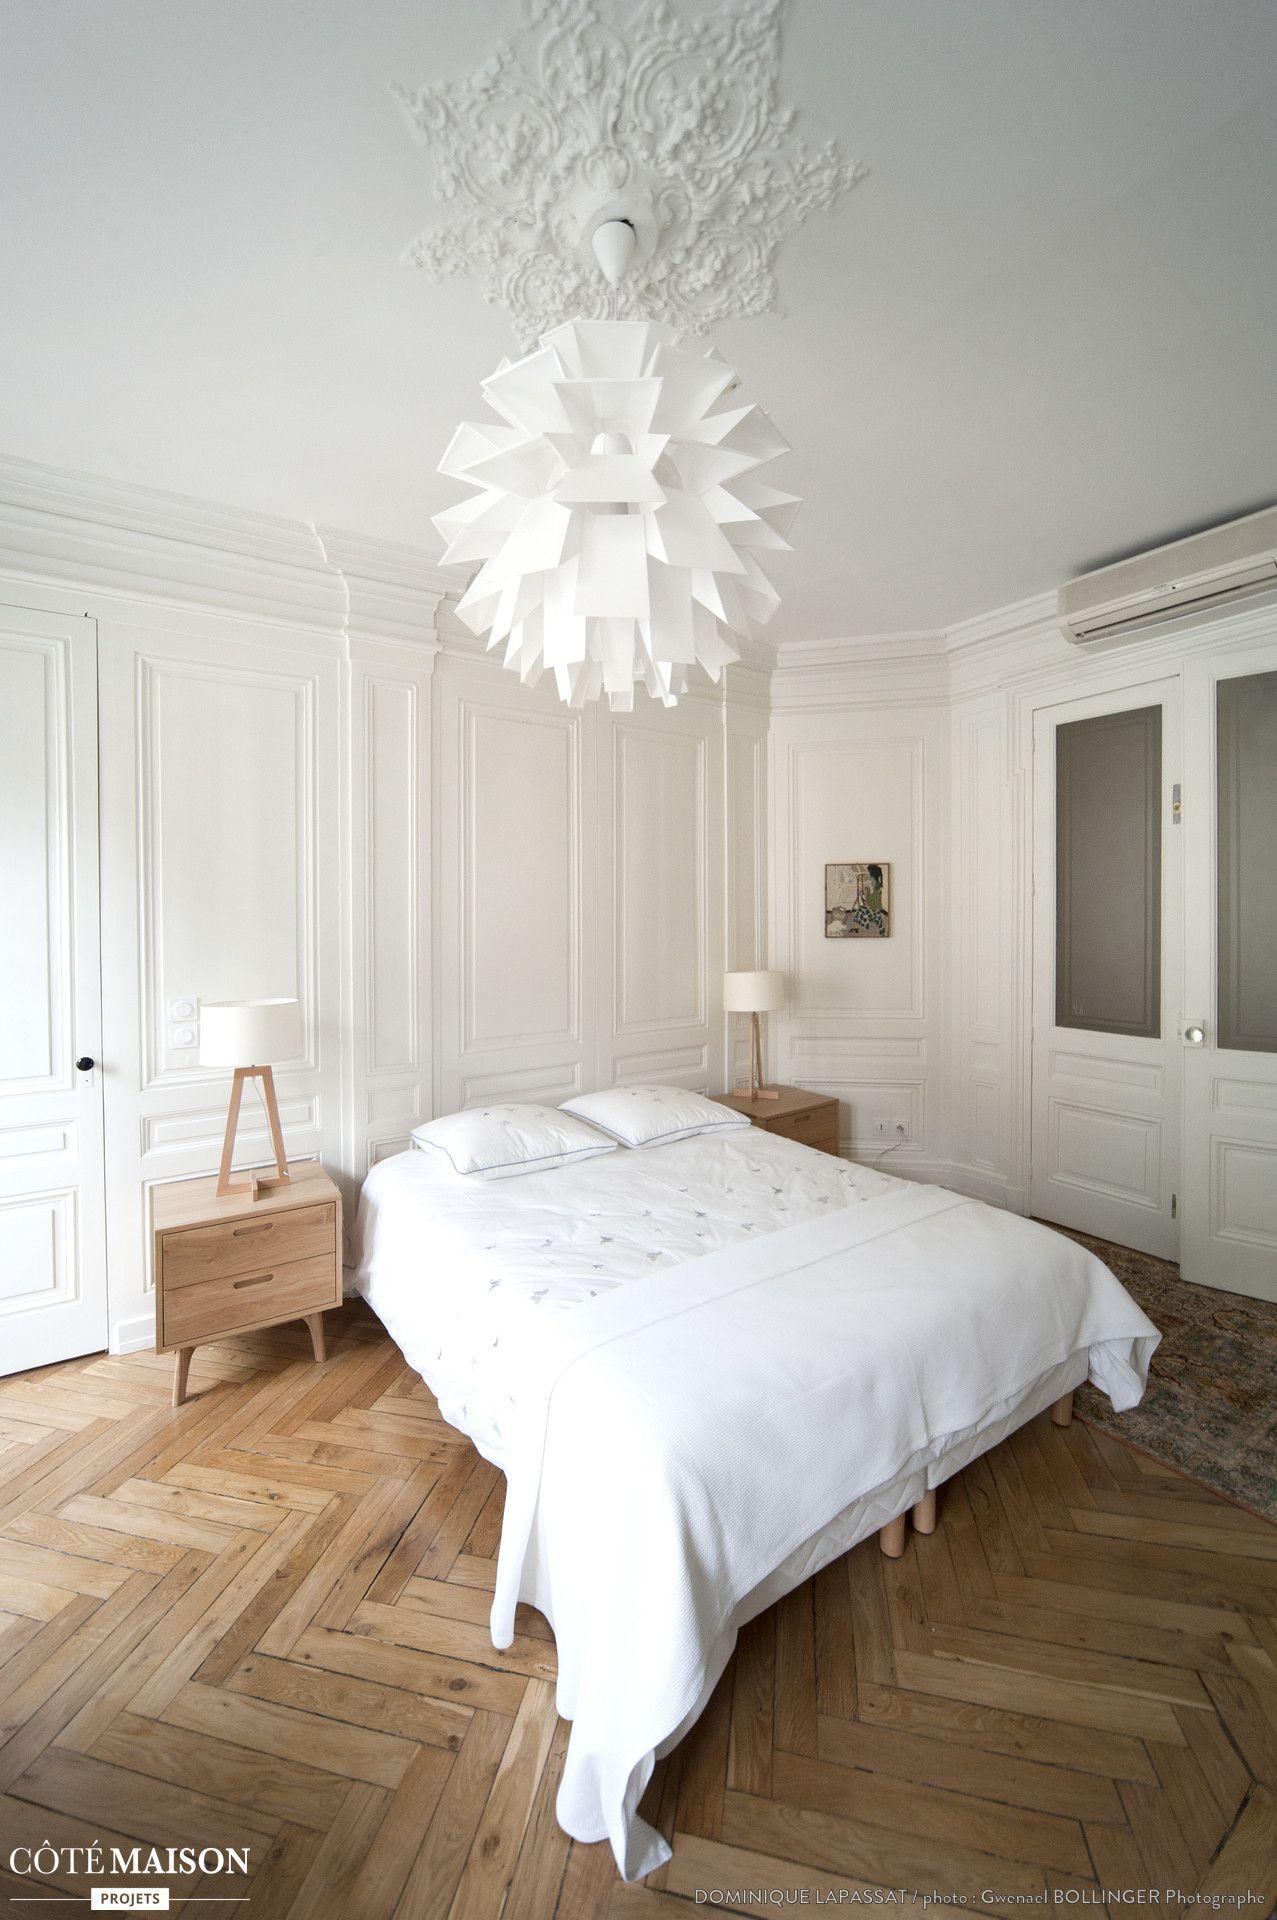 R novation d 39 un appartement haussmannien lyon dominique lapassat c t maison french city - Renovation chambre adulte ...